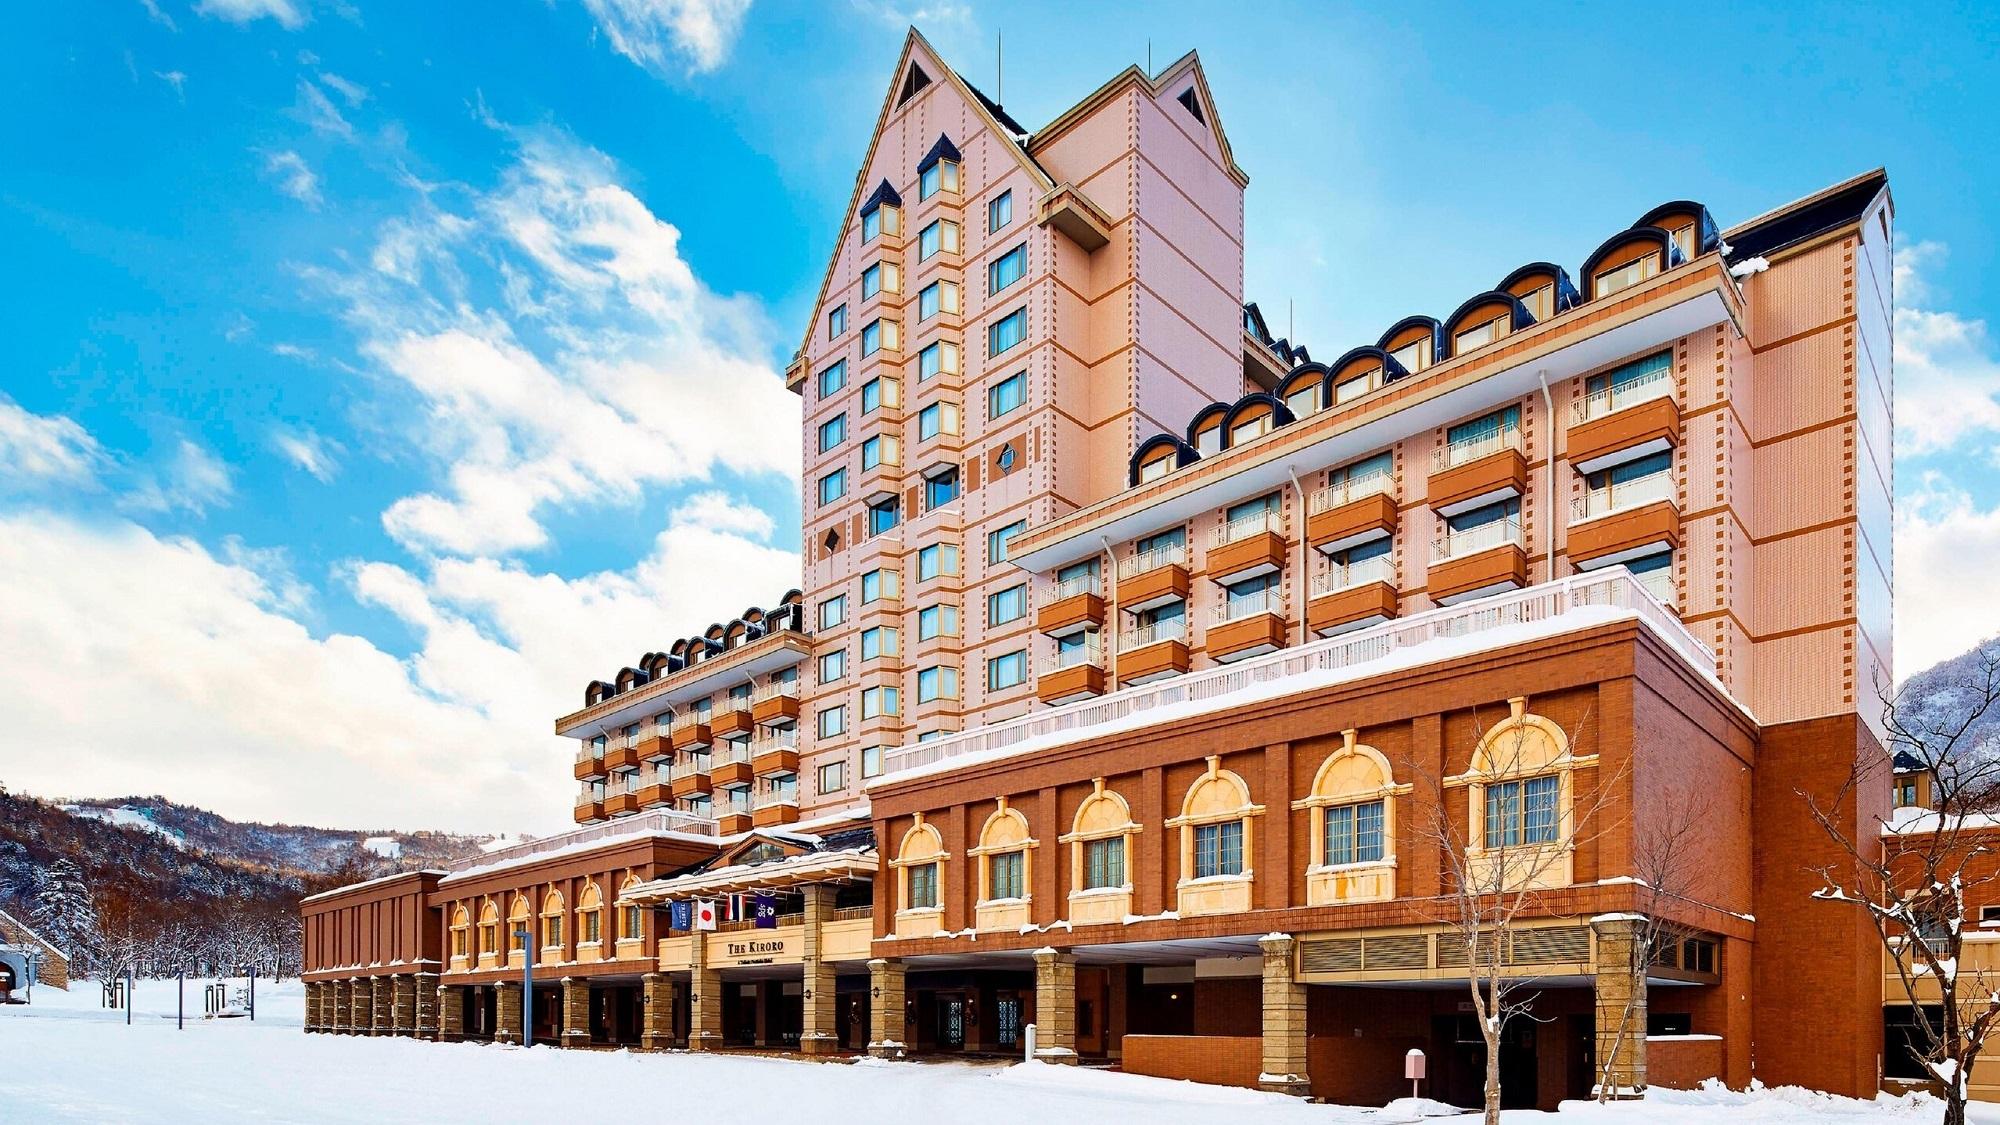 キロロ トリビュートポートフォリオホテル 北海道 image